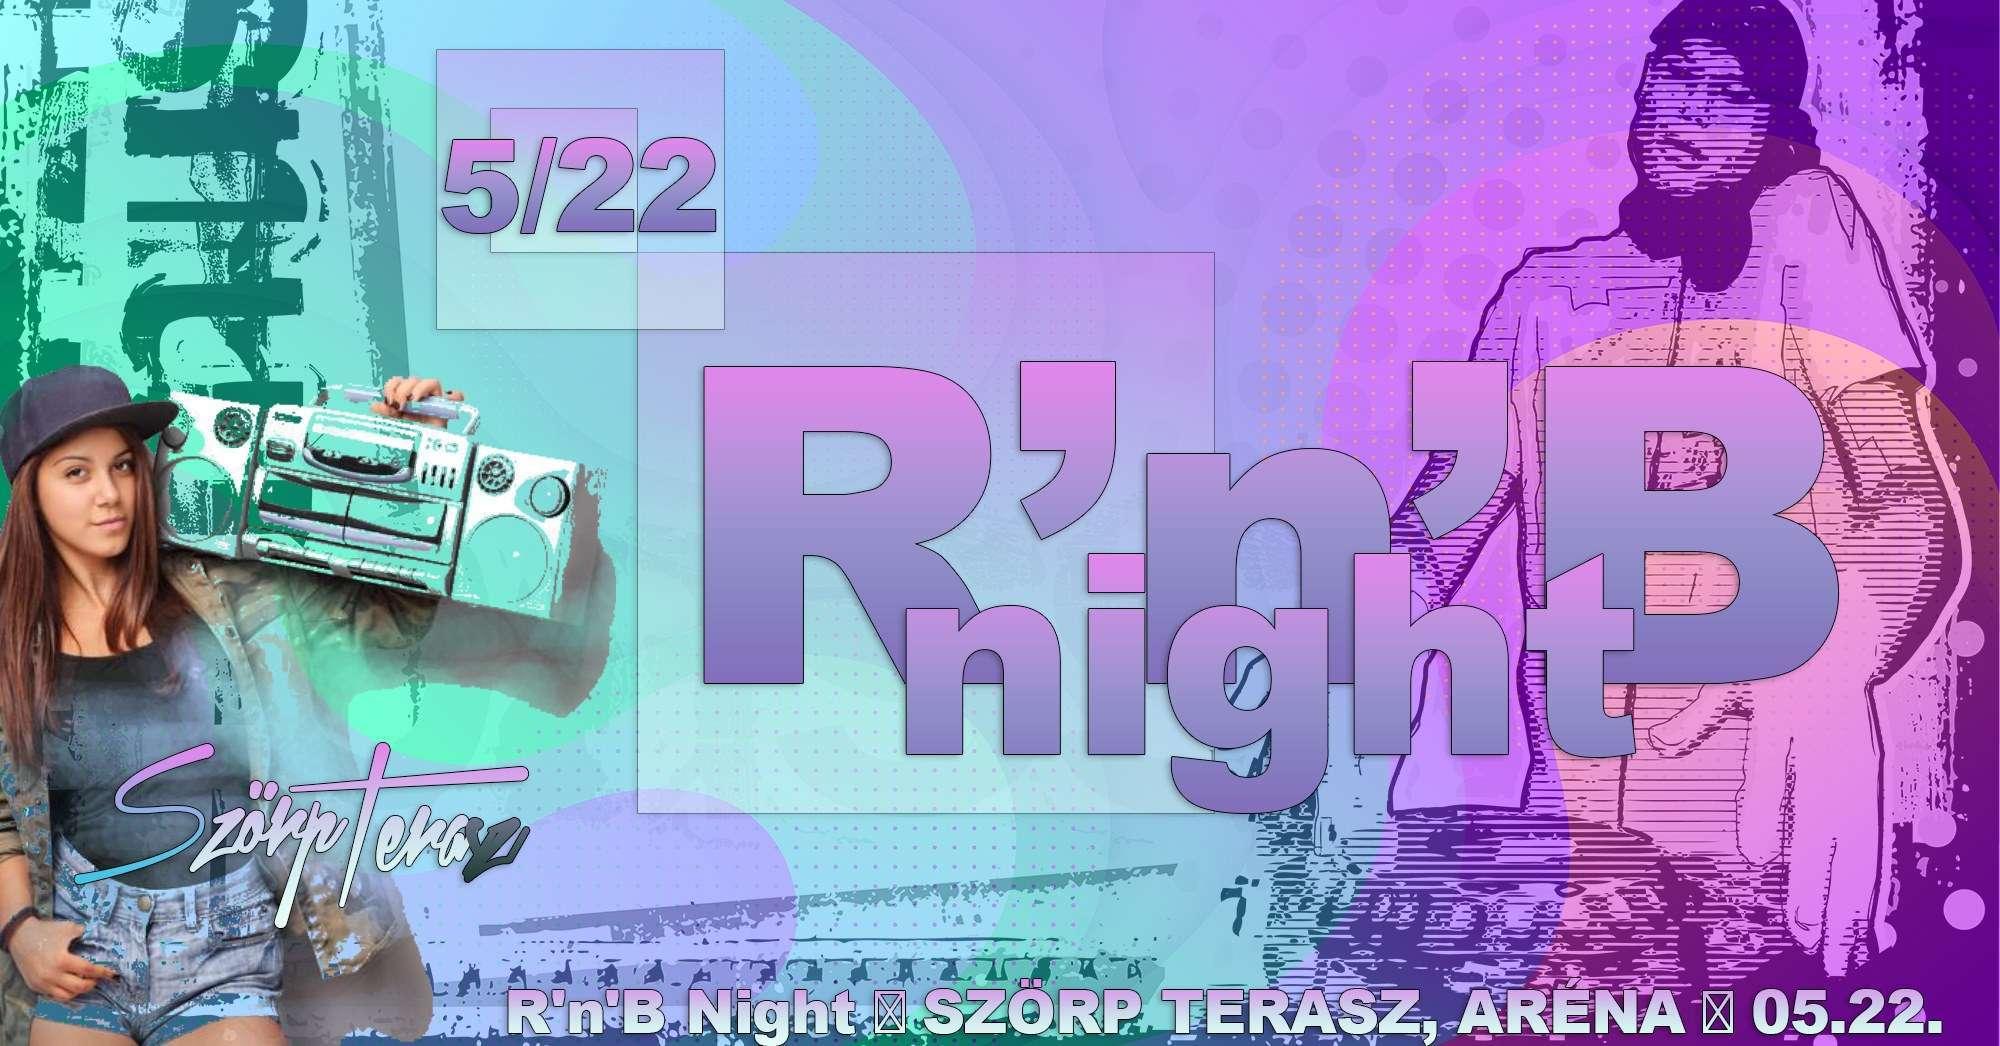 szorp-terasz-05-22-RnB-Night-ARENA-szorpterasz-itt-mindenki-osszejon